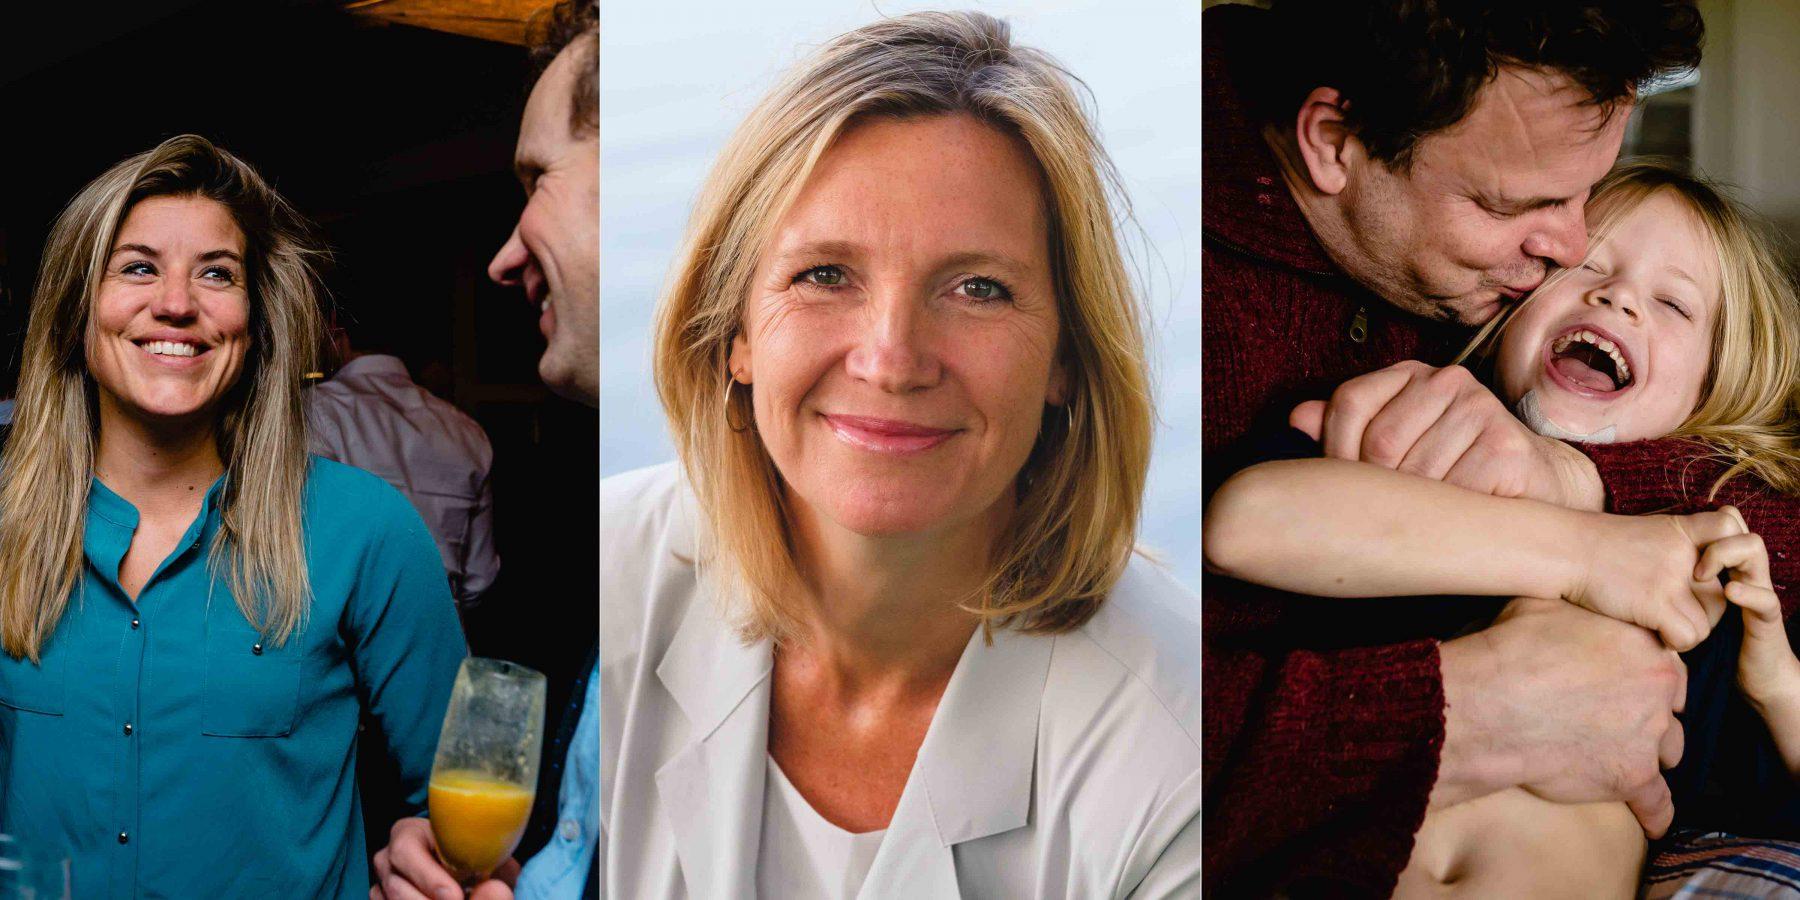 Sandra Stokmans Fotografie voor je zakelijke fotografie, evenement fotografie, website fotografie, familie fotografie zoals Day in the life documentaire sessie, reisfotografie en editorial fotografie